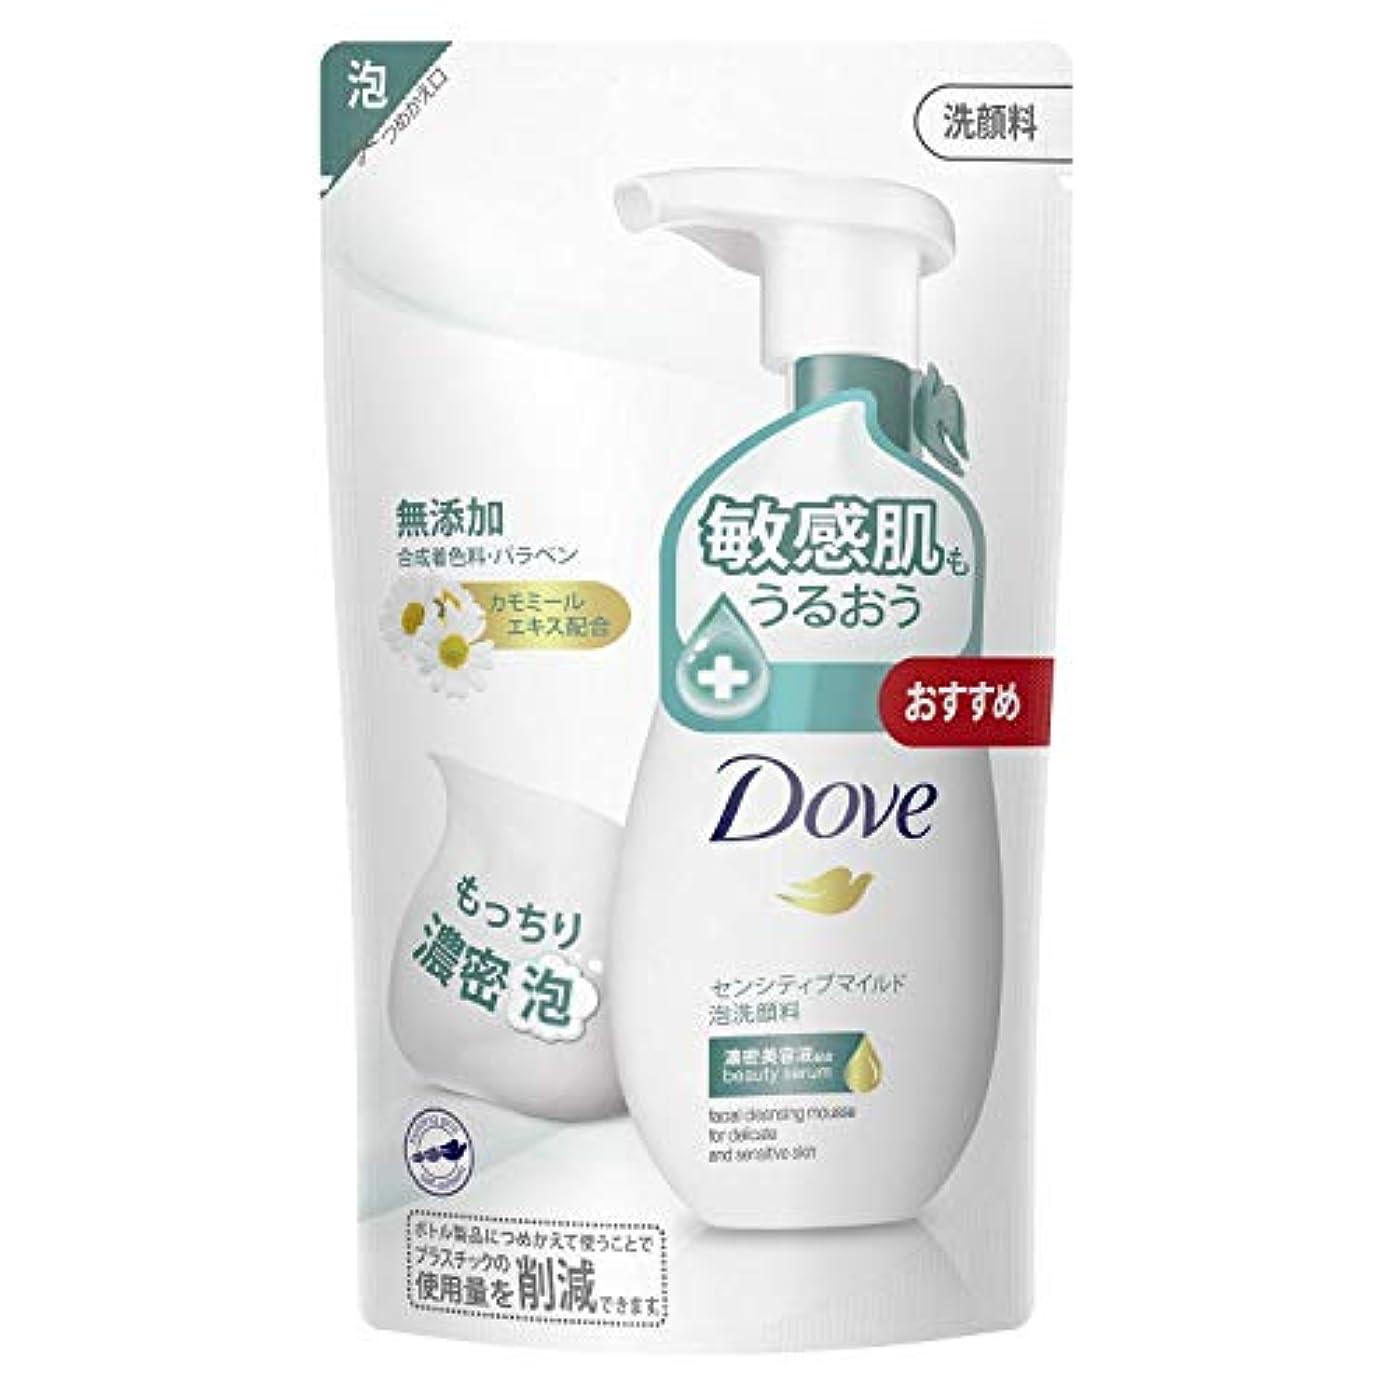 十代ねじれサージダヴ センシティブマイルド クリーミー泡洗顔料 つめかえ用 敏感肌用 140mL